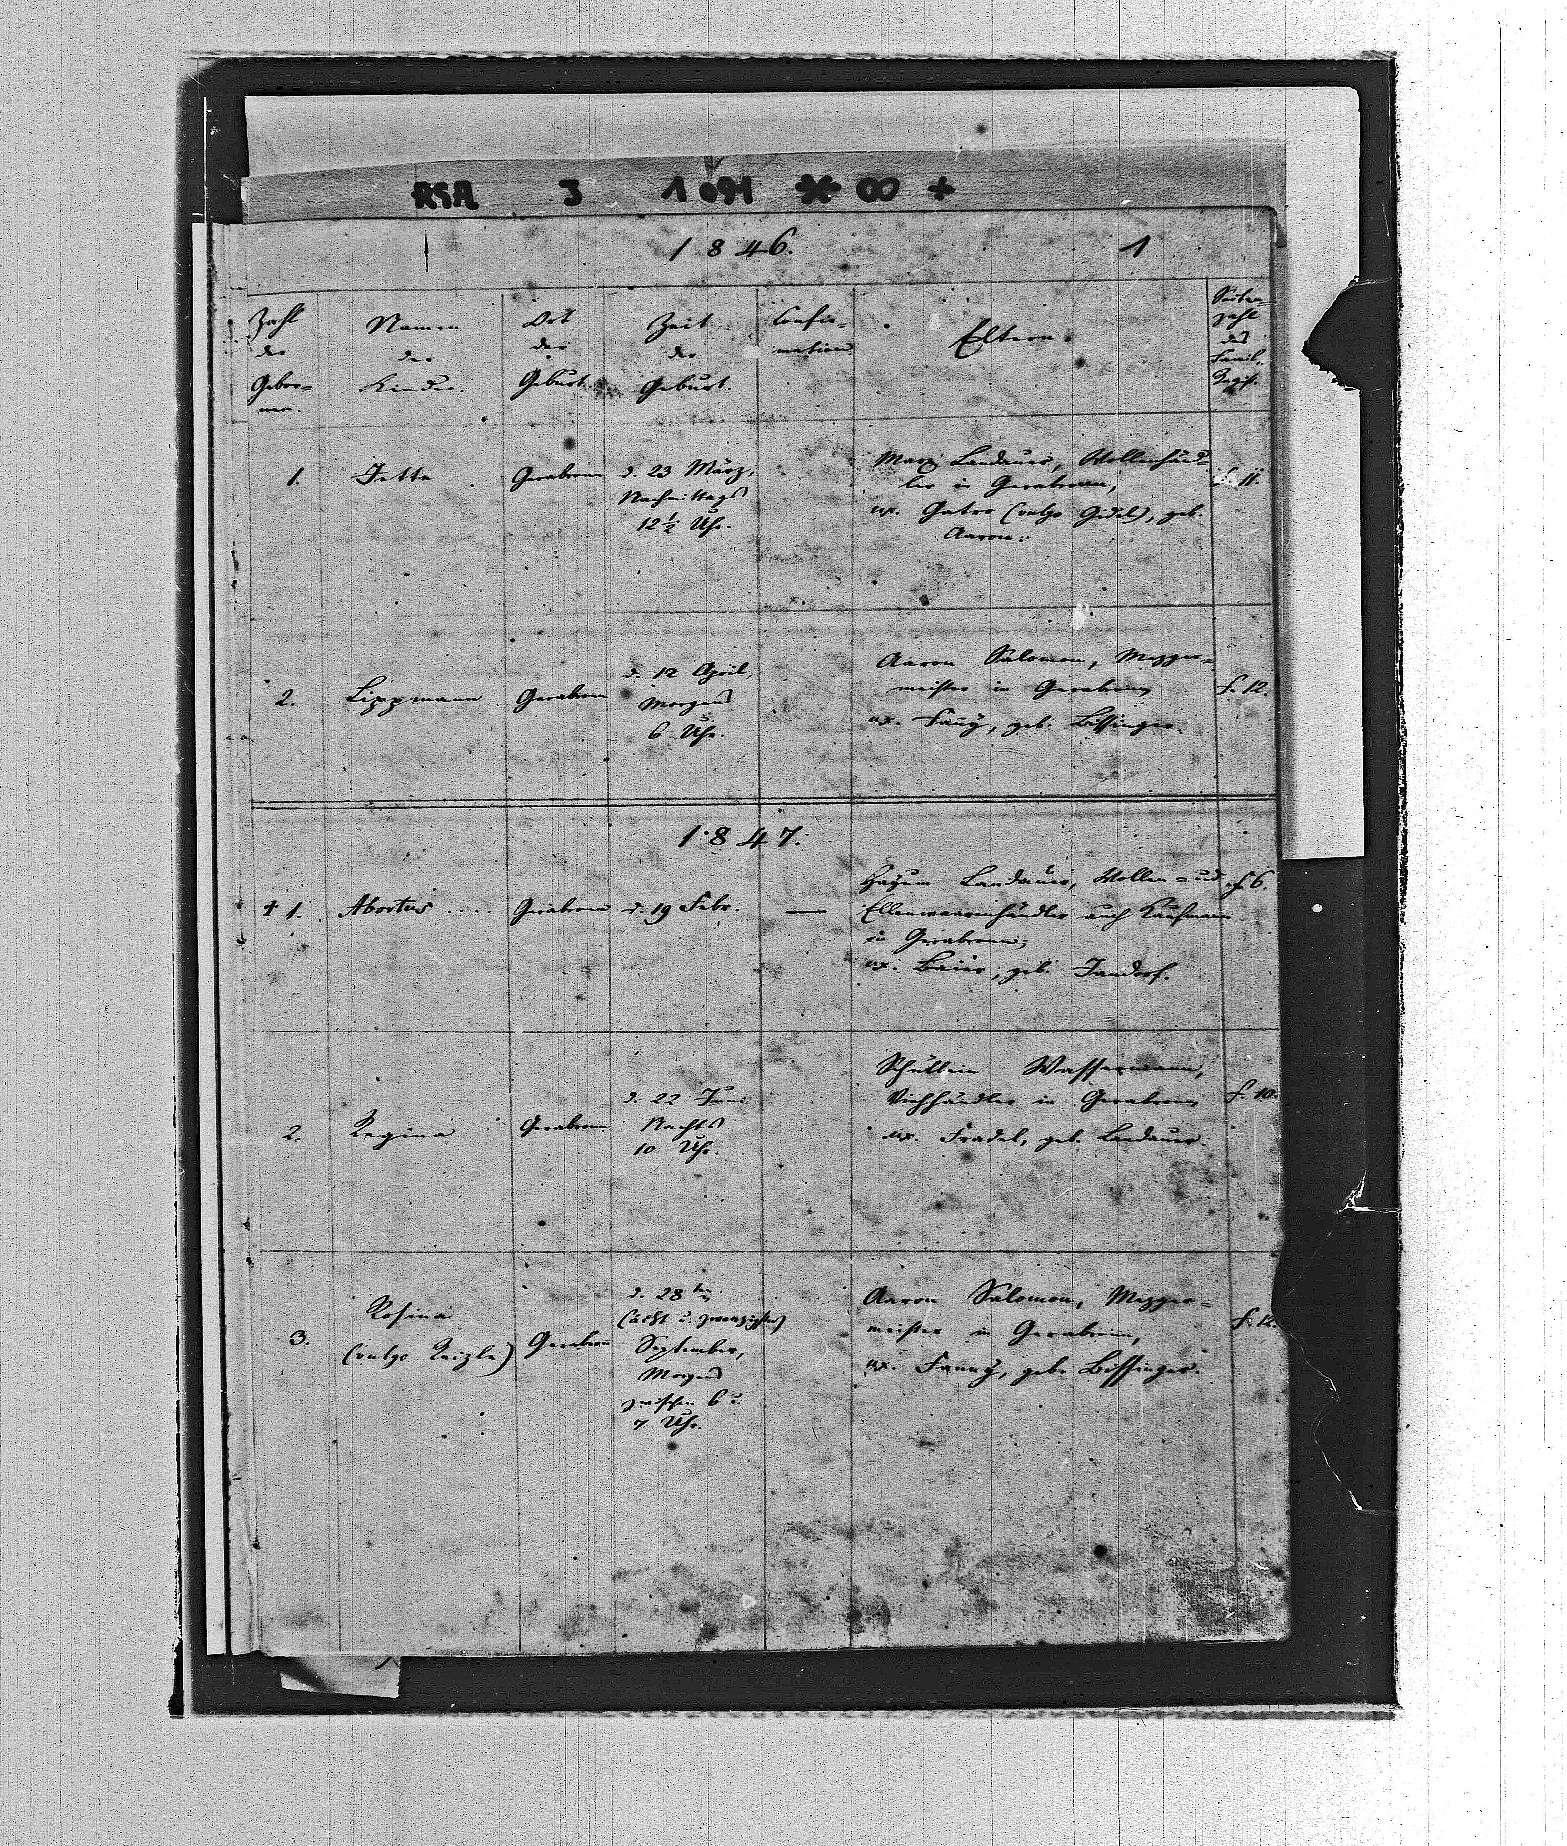 Gerabronn, Bild 2